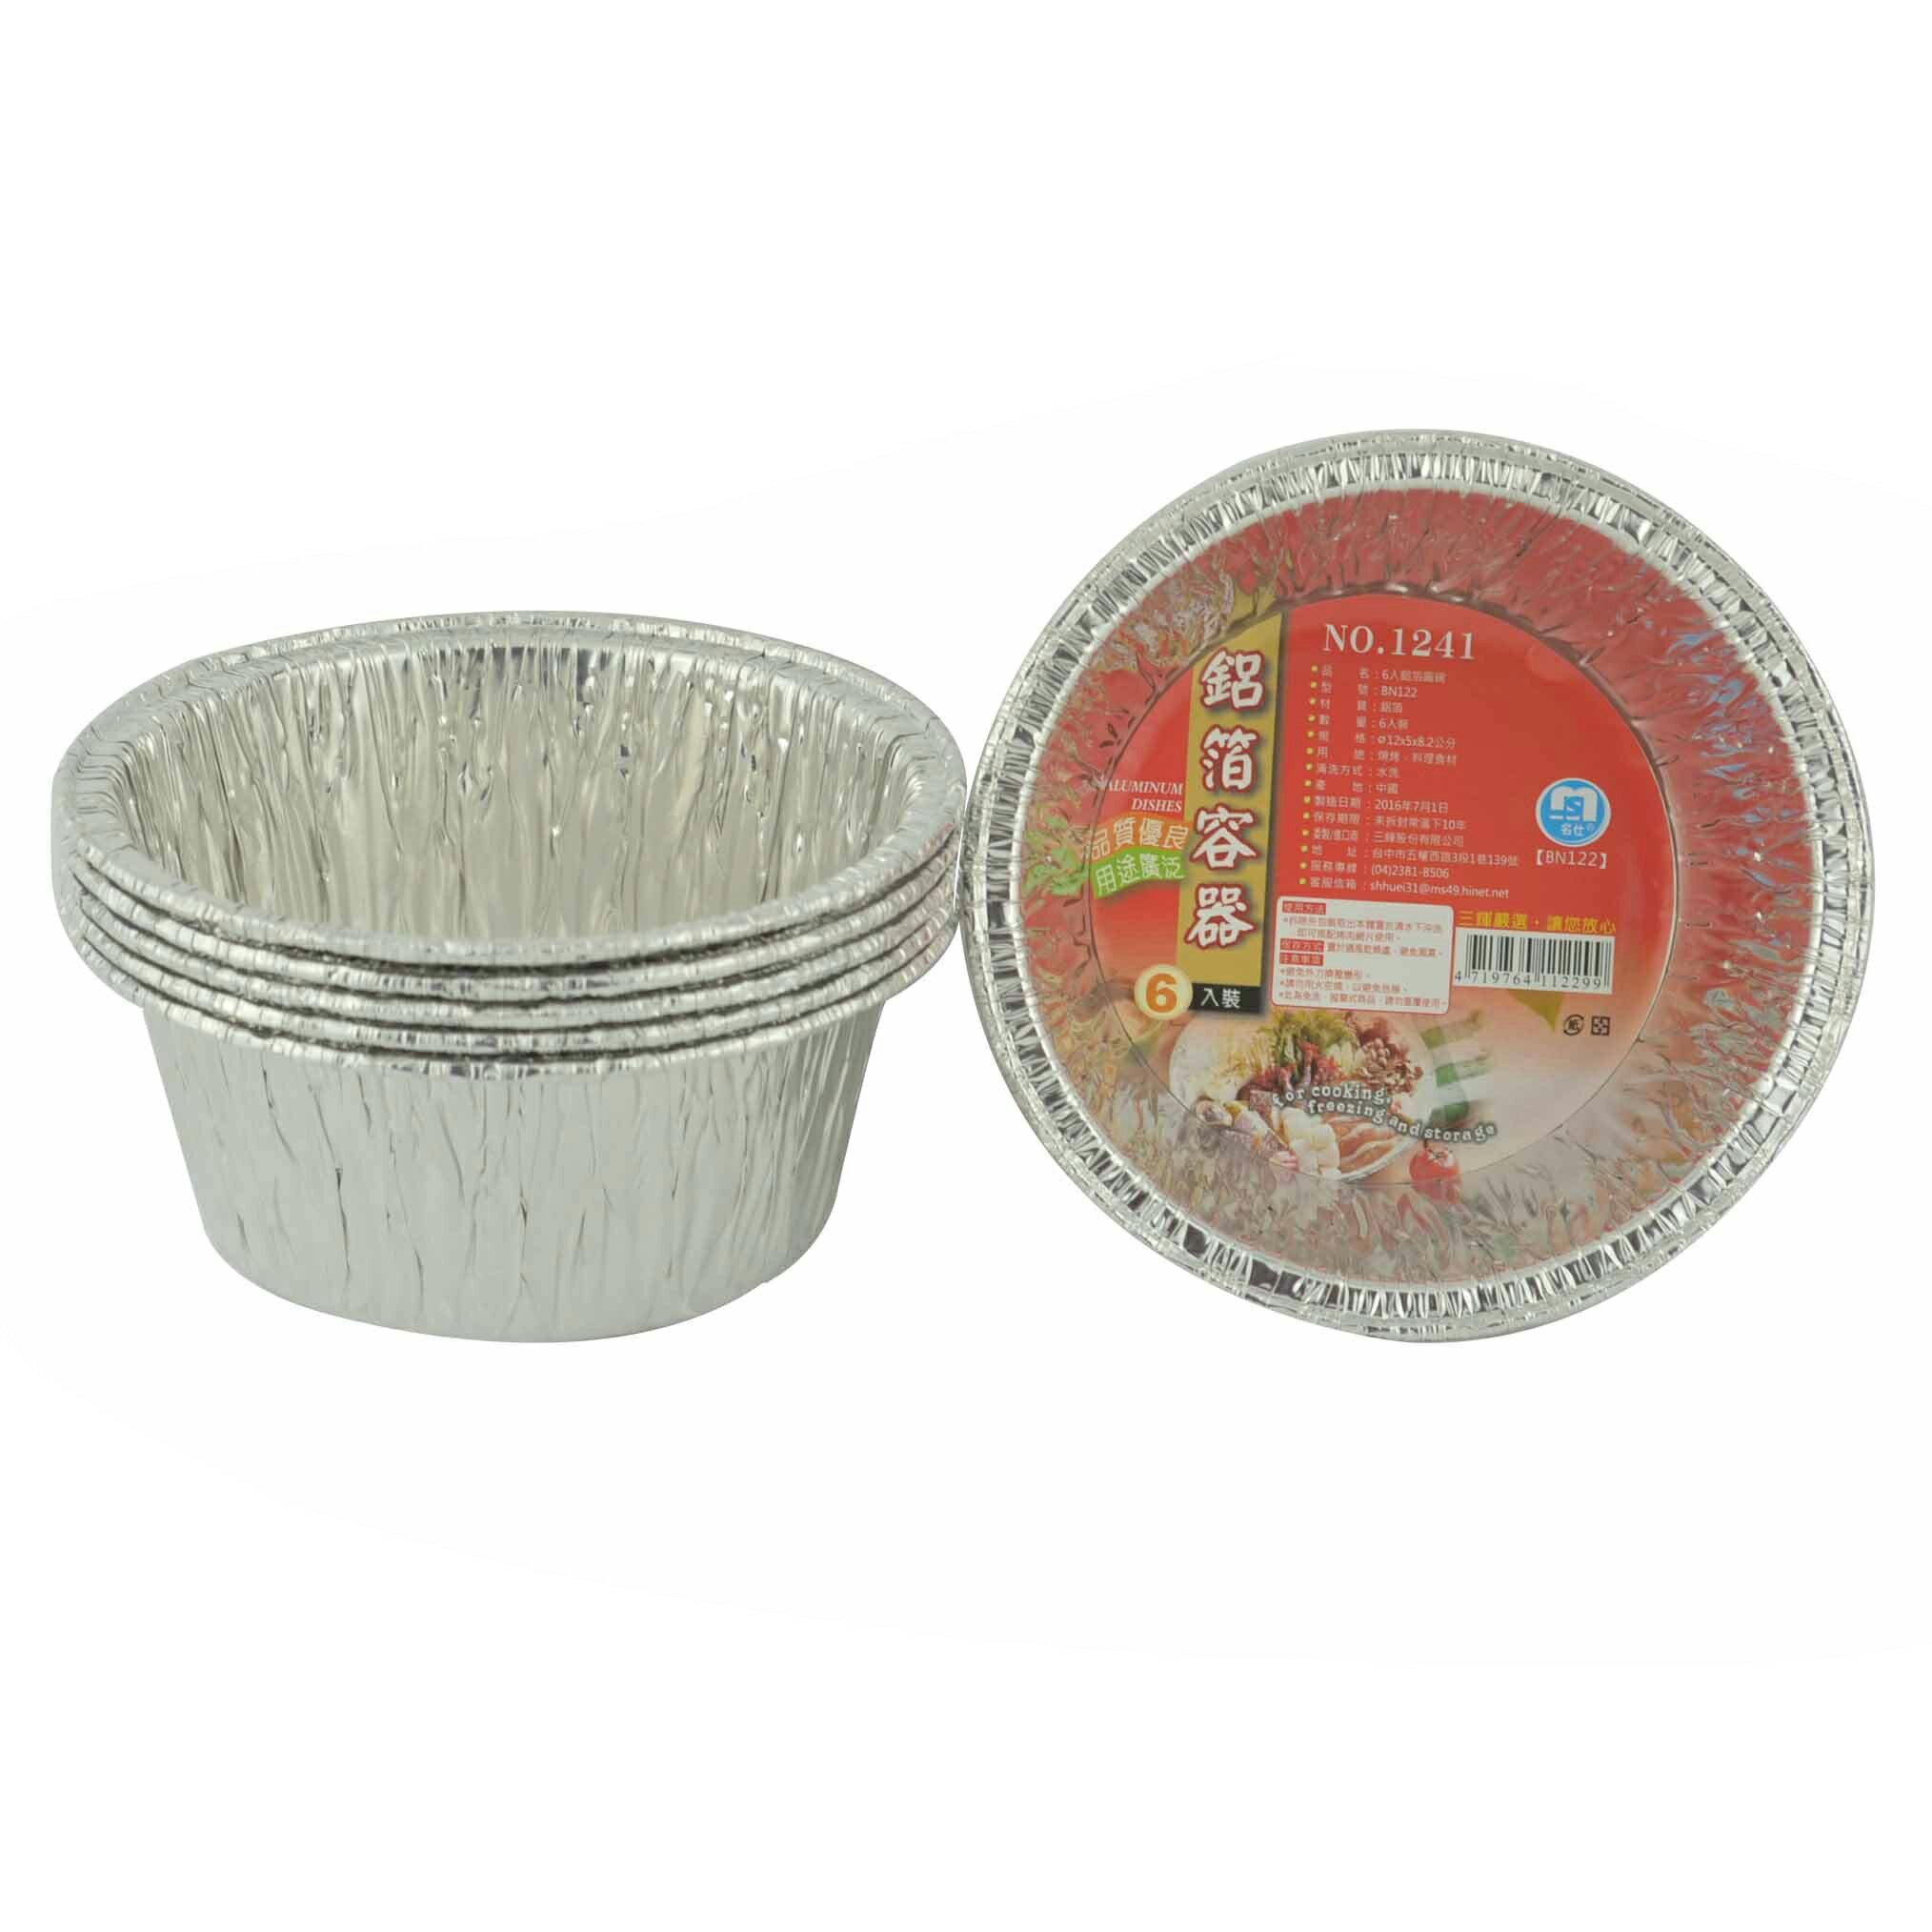 6入鋁箔圓盤NO.1241 鋁箔容器 免洗餐具 鋁盒 鋁箔盒 鋁箔碗 焗烤盒 烤肉鋁箔盒 錫紙盒 燒烤 烘焙盒 外帶打包盒